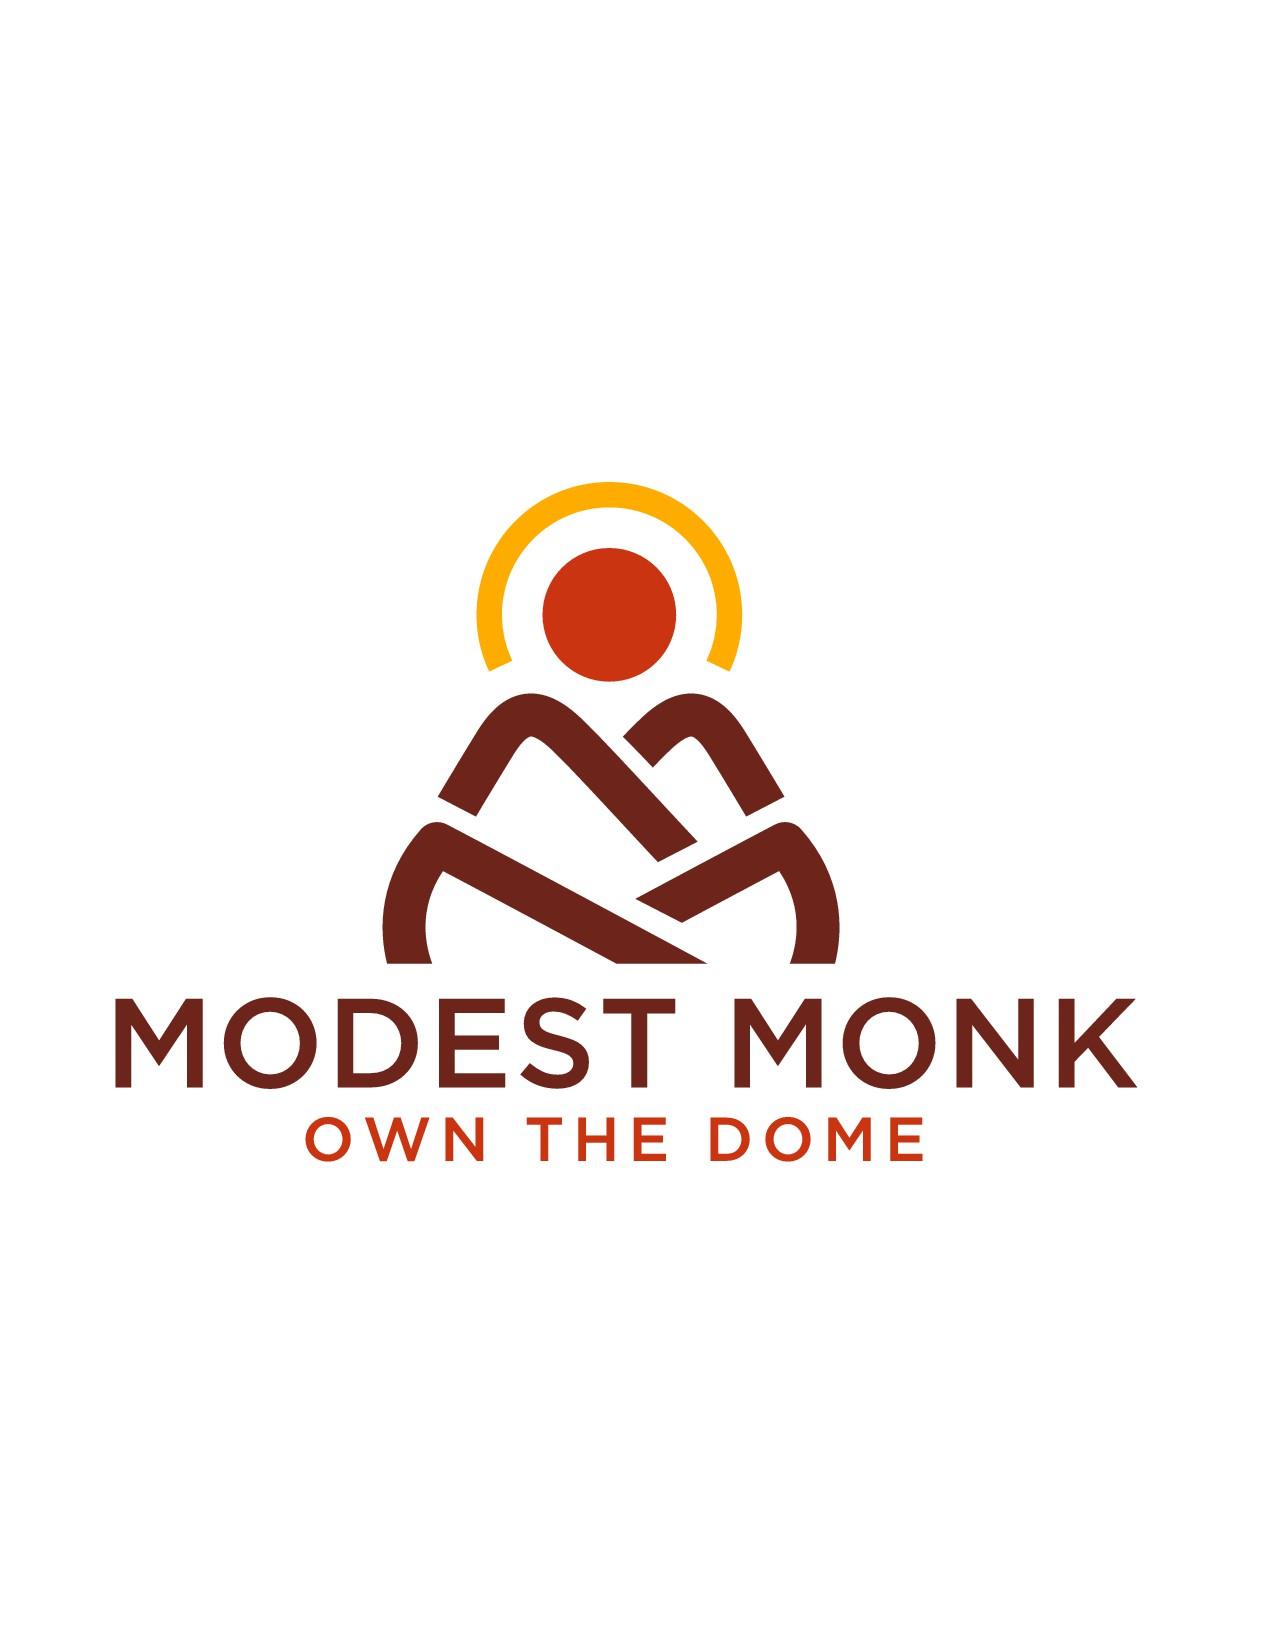 Modest Monk - Beauty Brand for Men Skin Care